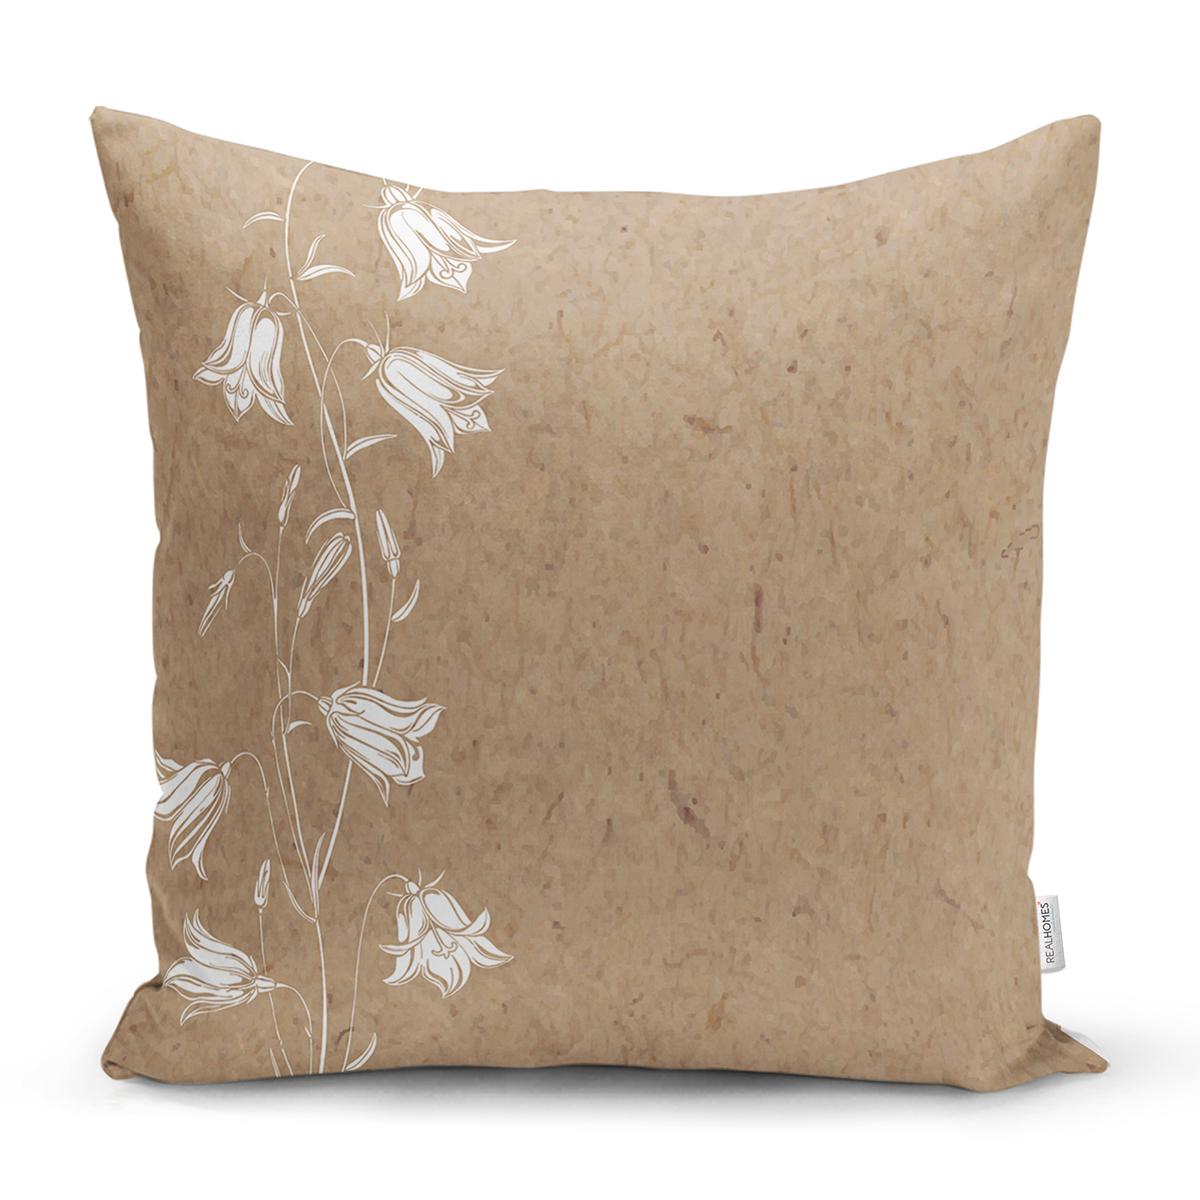 Renkli Zemin Üzerinde Beyaz Çiçek Desenli Yastık Kırlent Kılıfı Realhomes